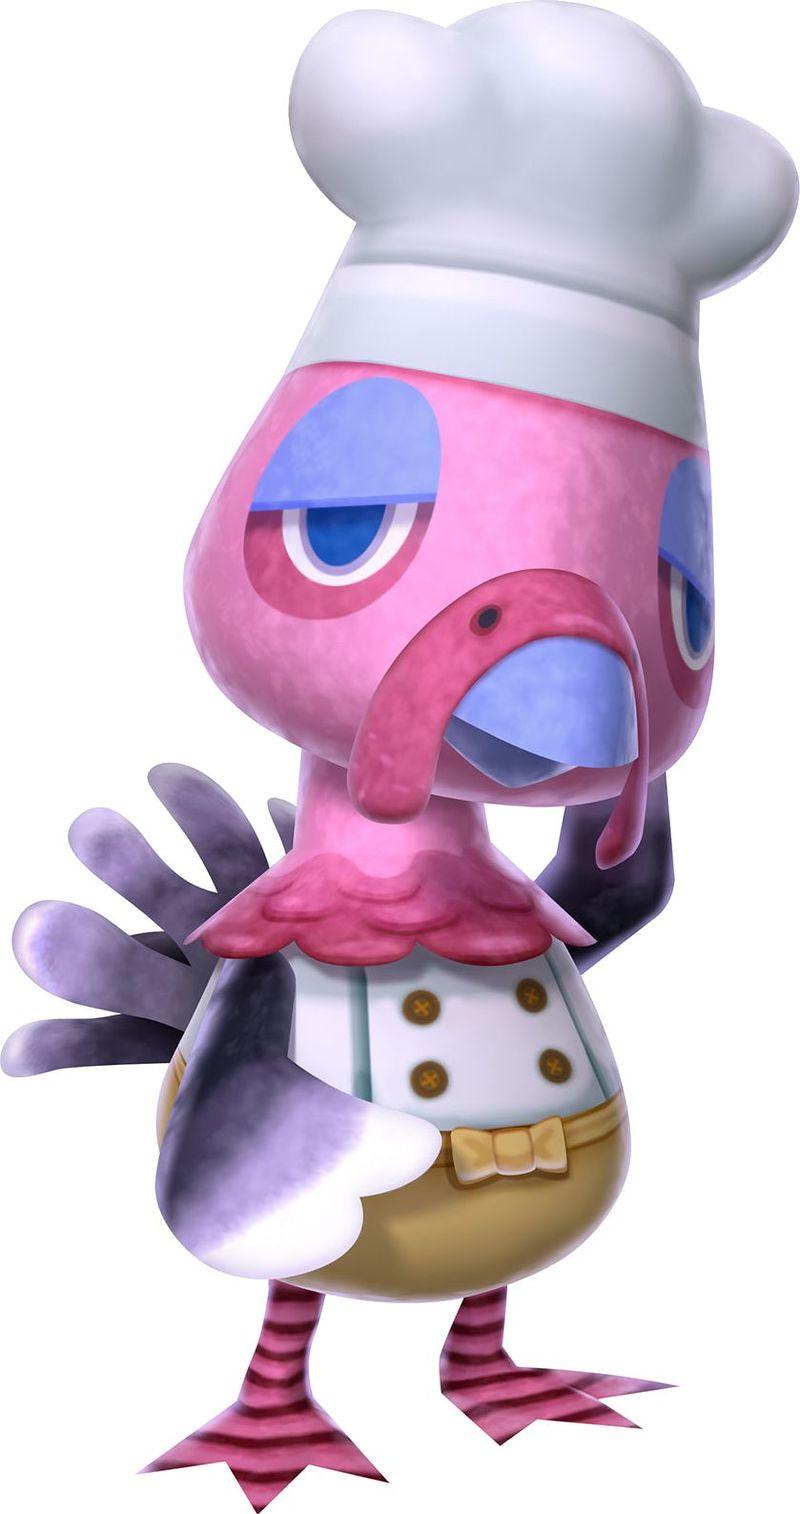 ¿Cómo se llama el personaje especial del día del pavo?